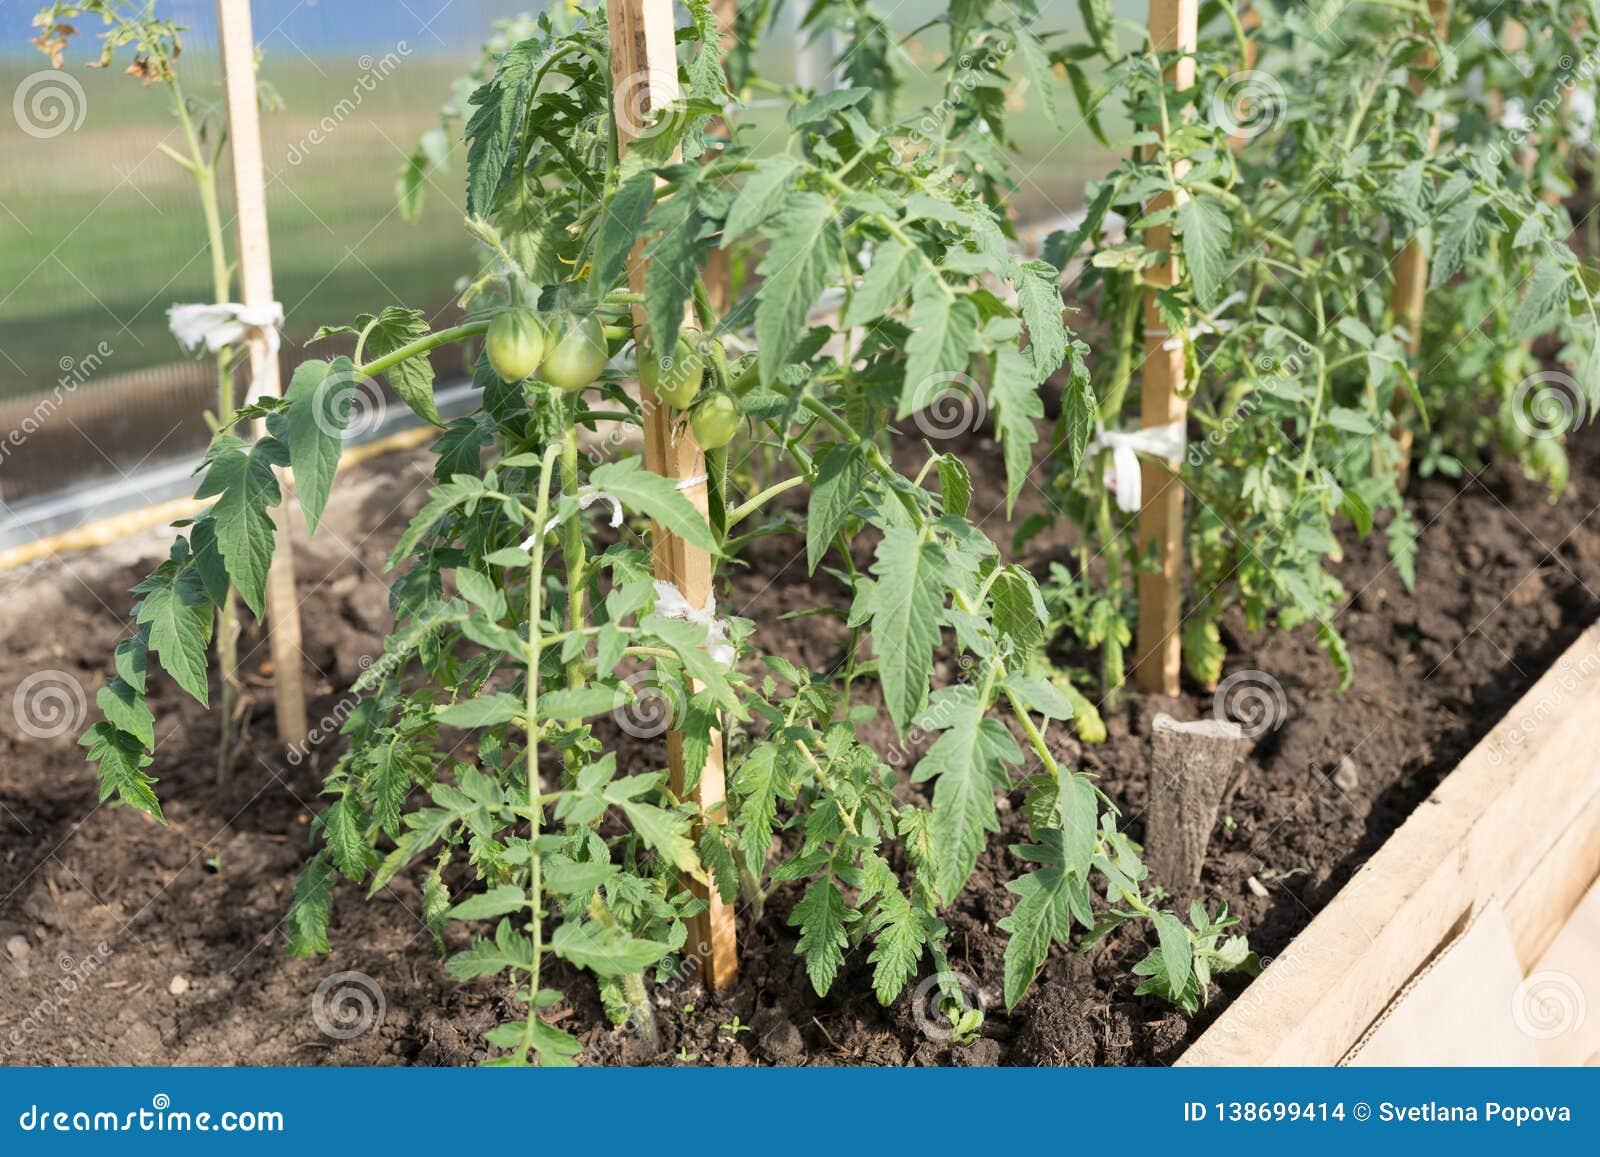 Zielona pomidorowa rozsada r na ogrodowym łóżku w szklarni